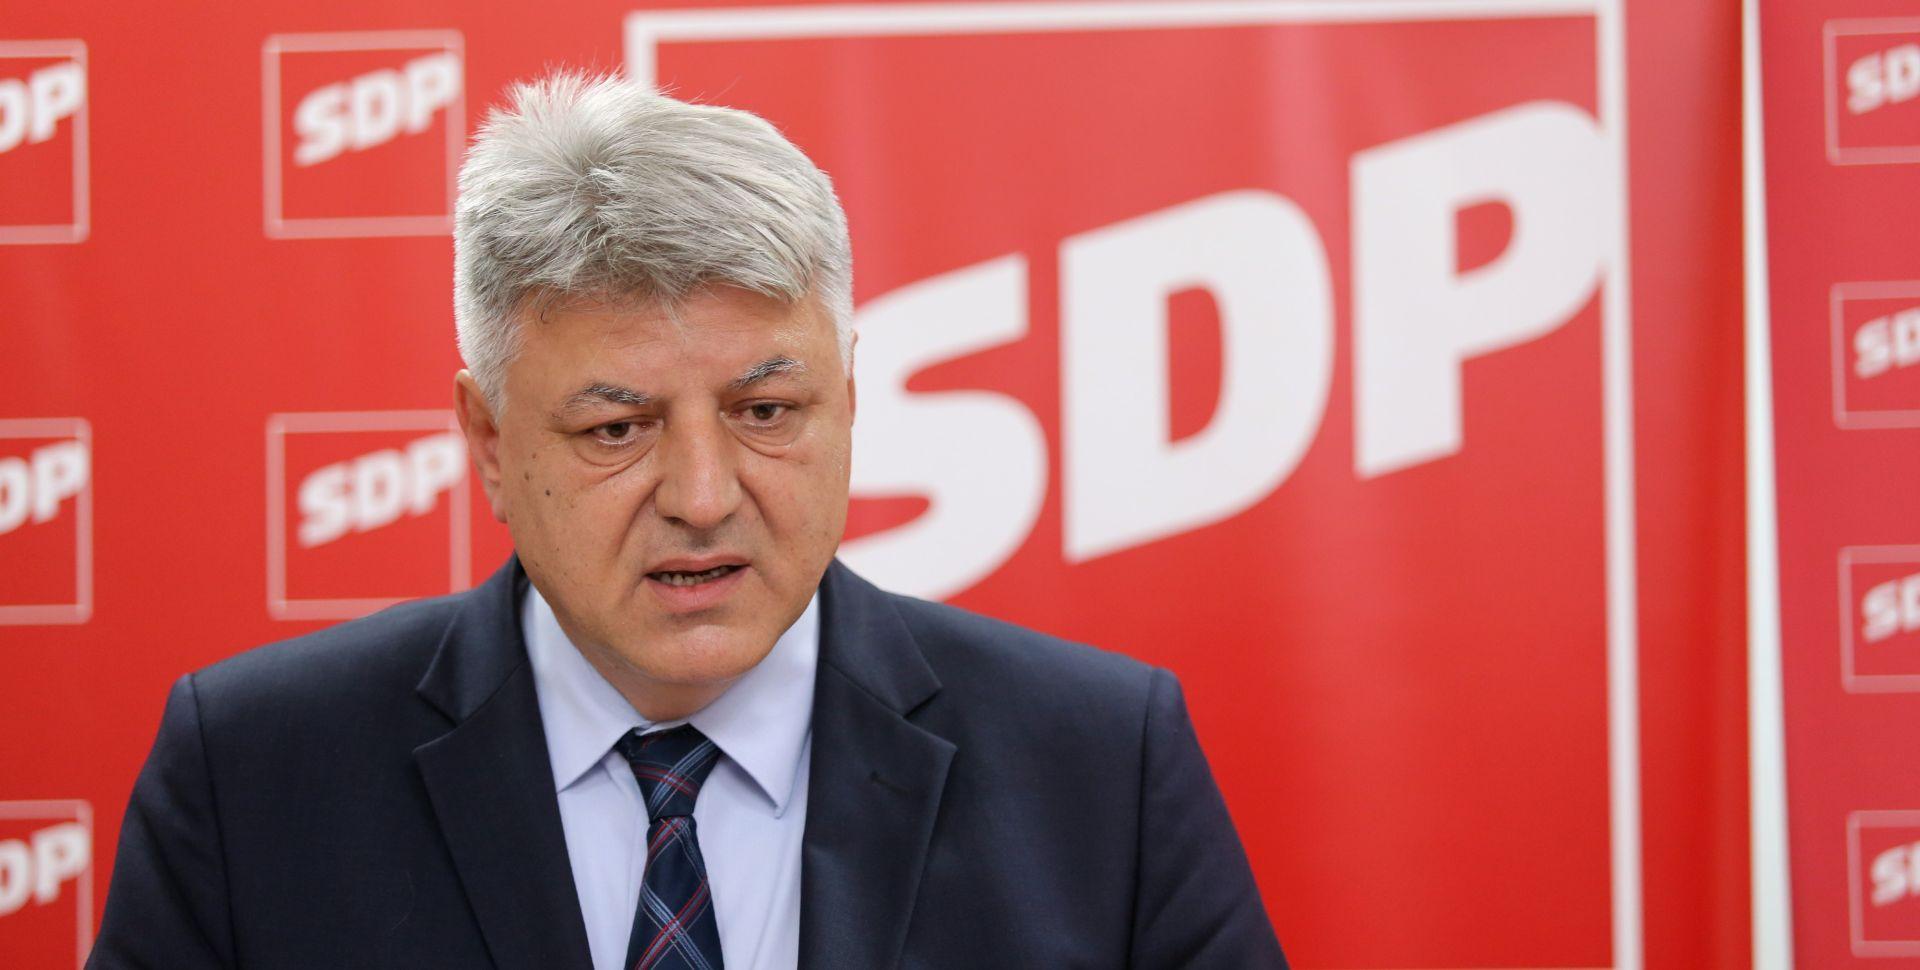 Komadina o izborima u SDP-u: Članstvo podržava kandidata promjena